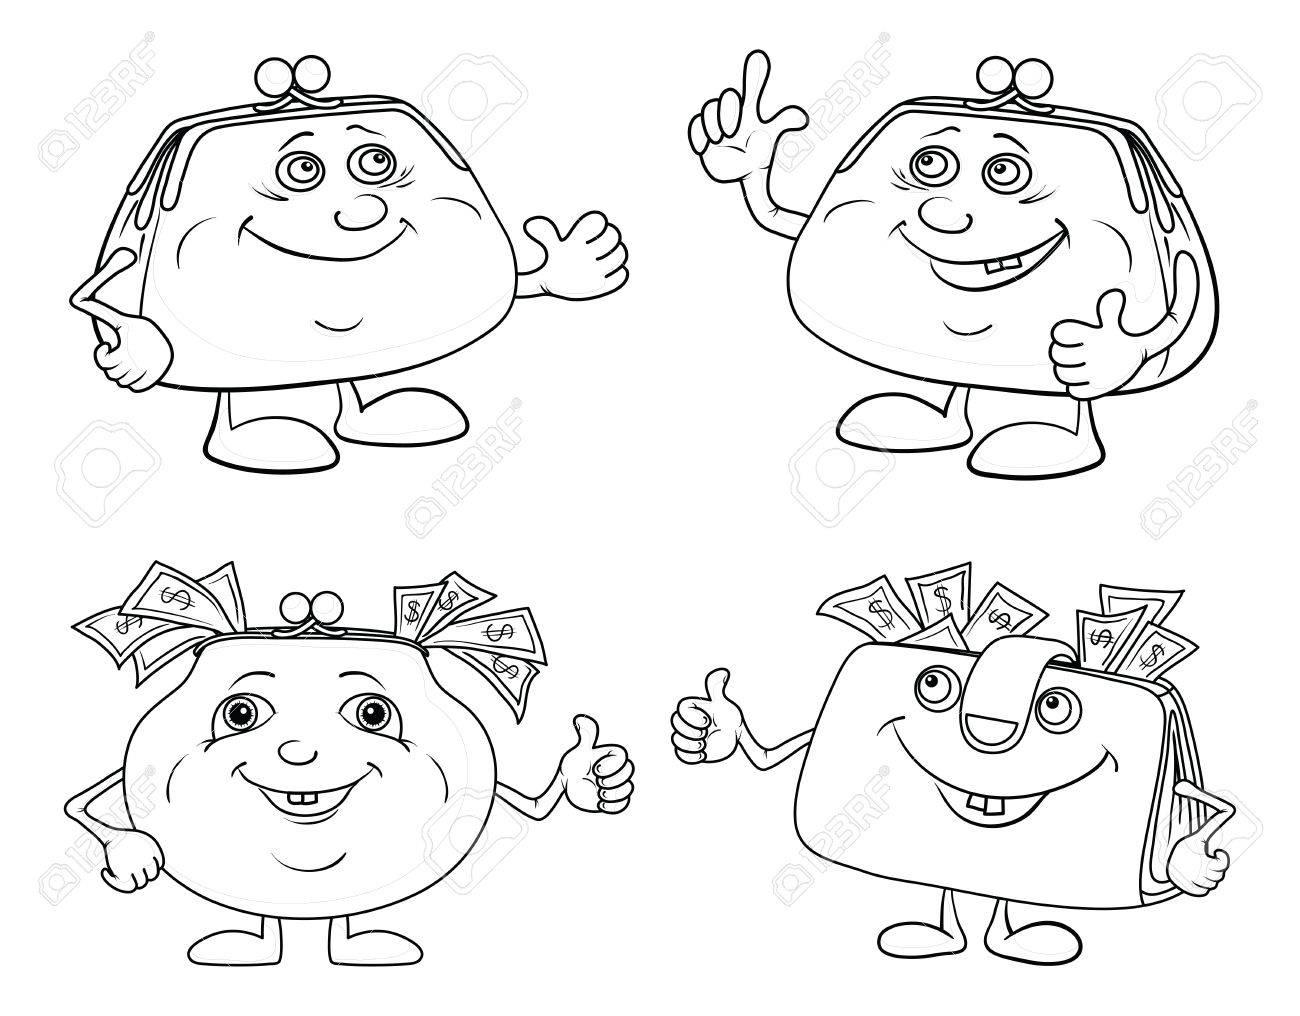 Dessin Porte Monnaie mettre de l'argent de dessin animé souriant avec porte-monnaie en